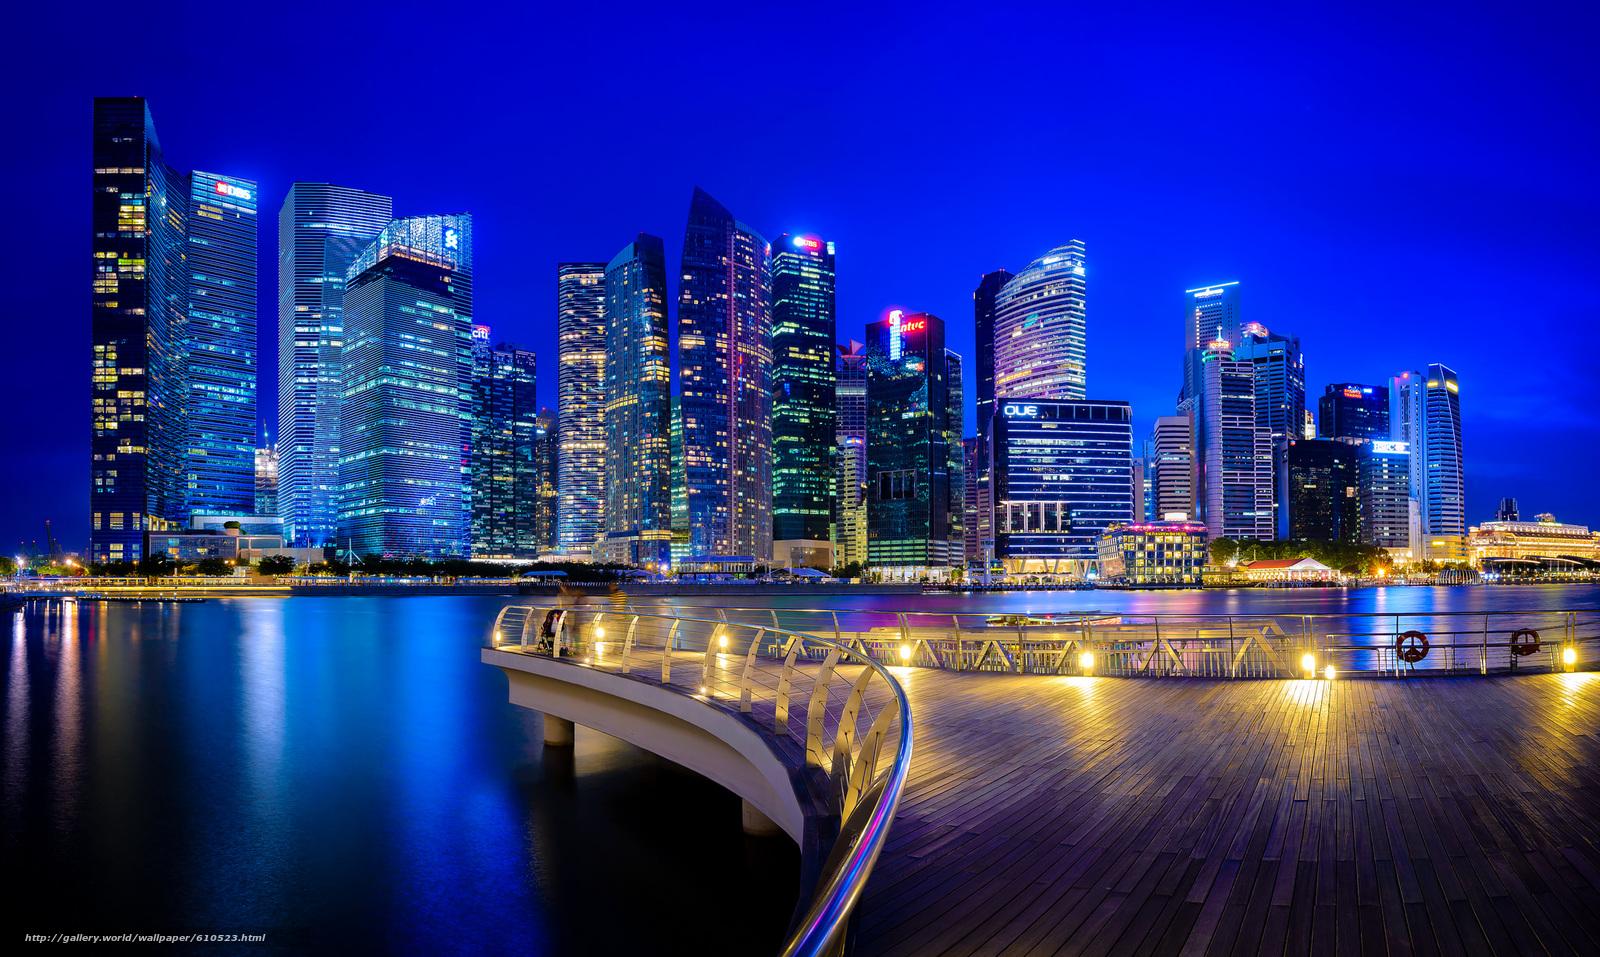 壁紙をダウンロード シンガポール,  シンガポール,  街のナイトライフ,  建物 デスクトップの解像度のための無料壁紙 2048x1225 — 絵 №610523